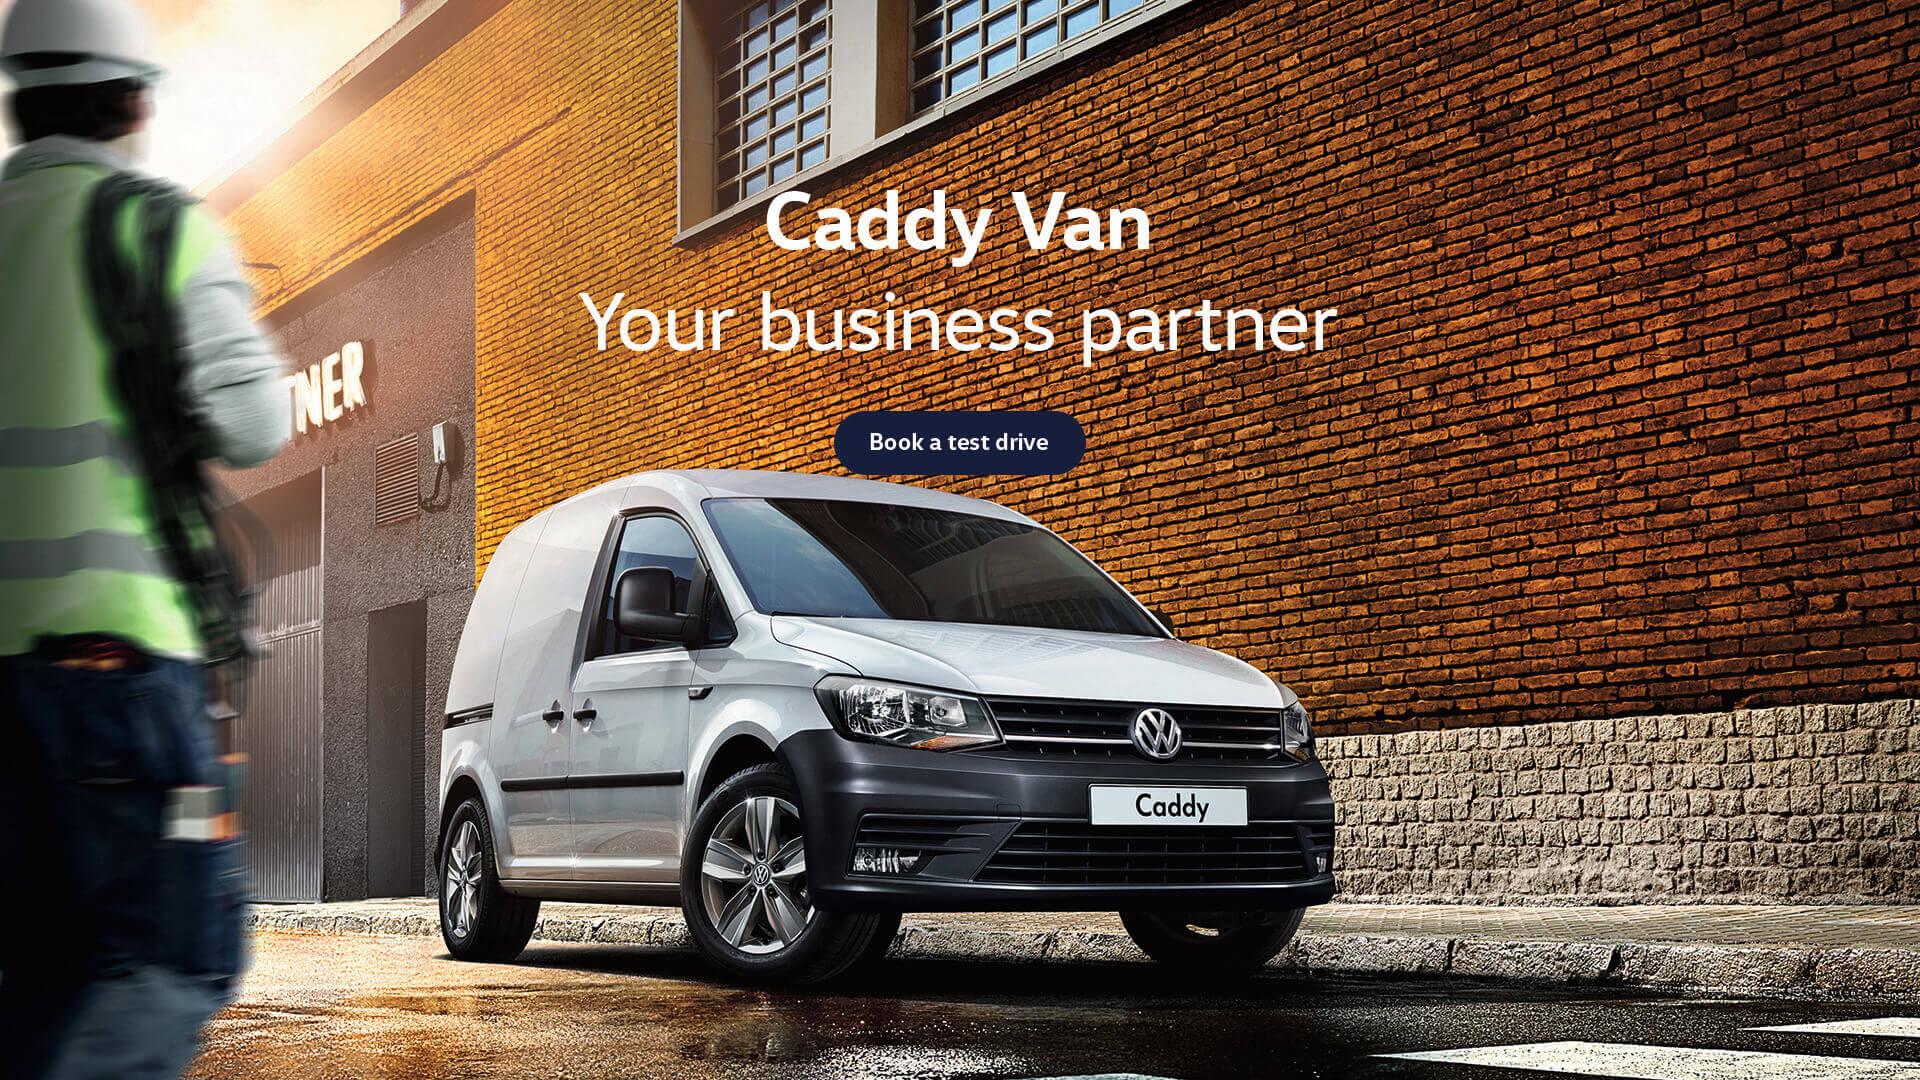 Volkswagen Caddy Van. Your business partner. Test drive today at Geoff King Volkswagen, Coffs Harbour.